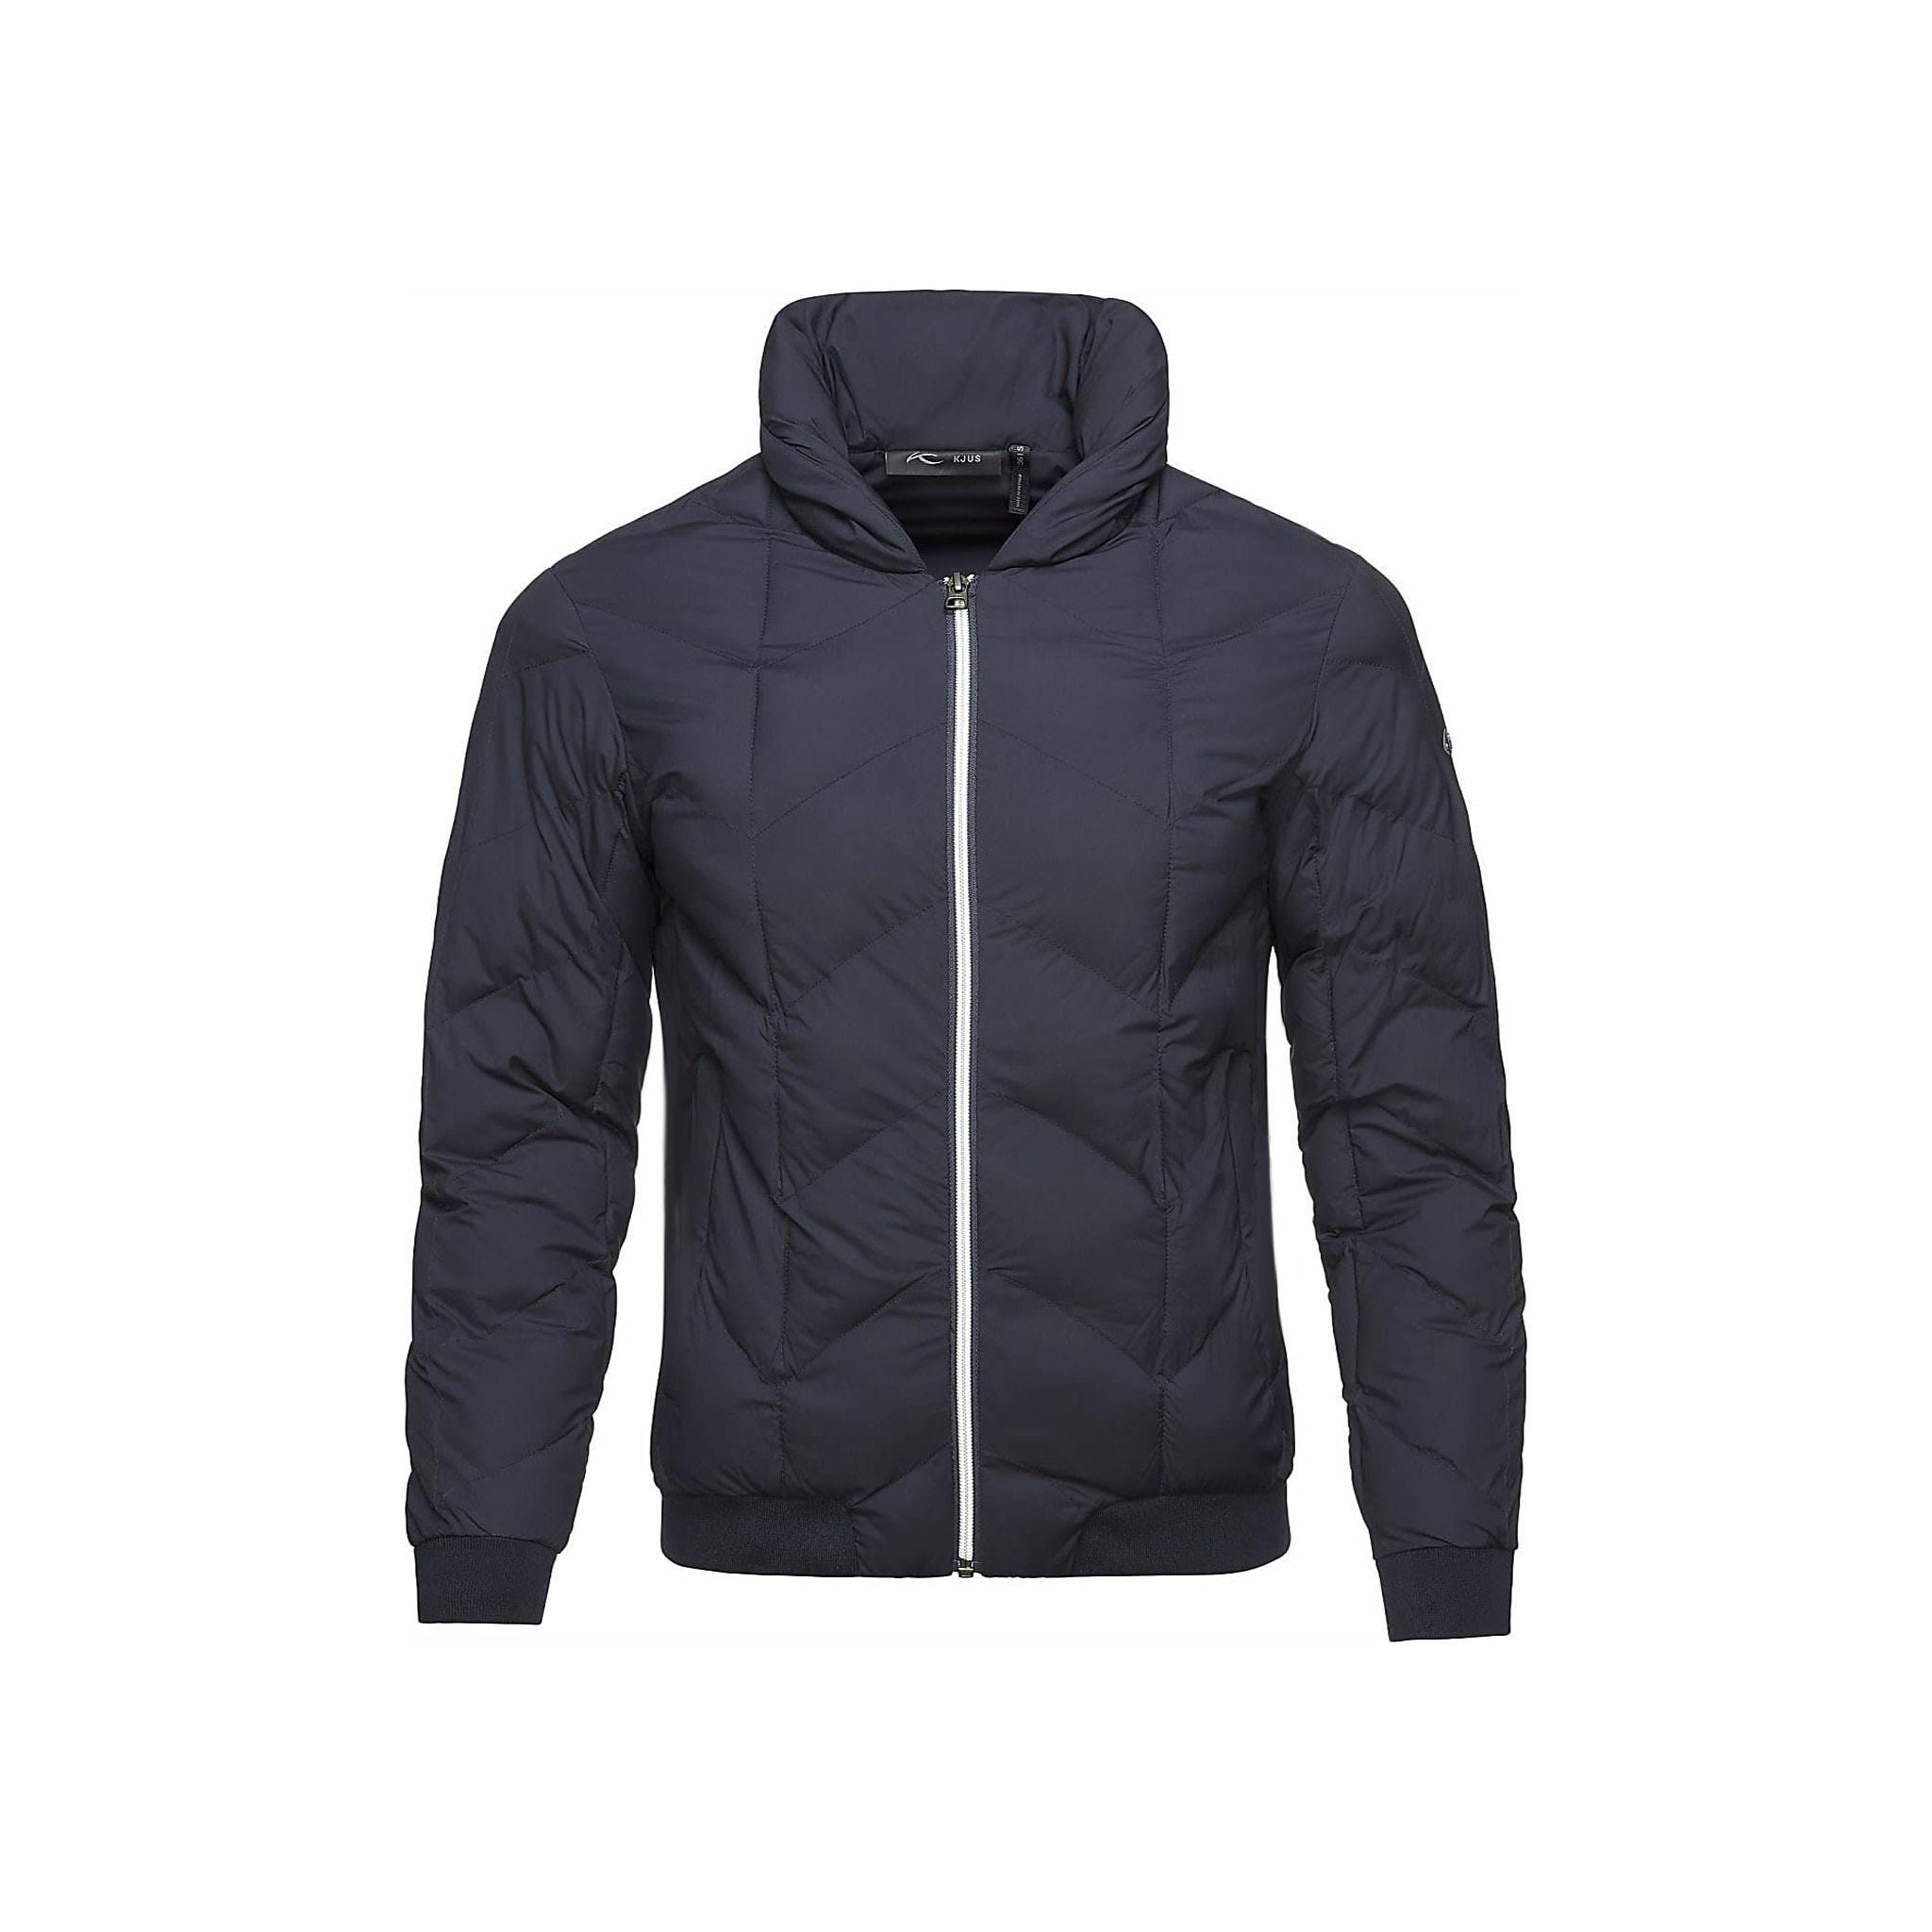 Bomber-inspirert jakke i klassisk Kjus komfort og kvalitet